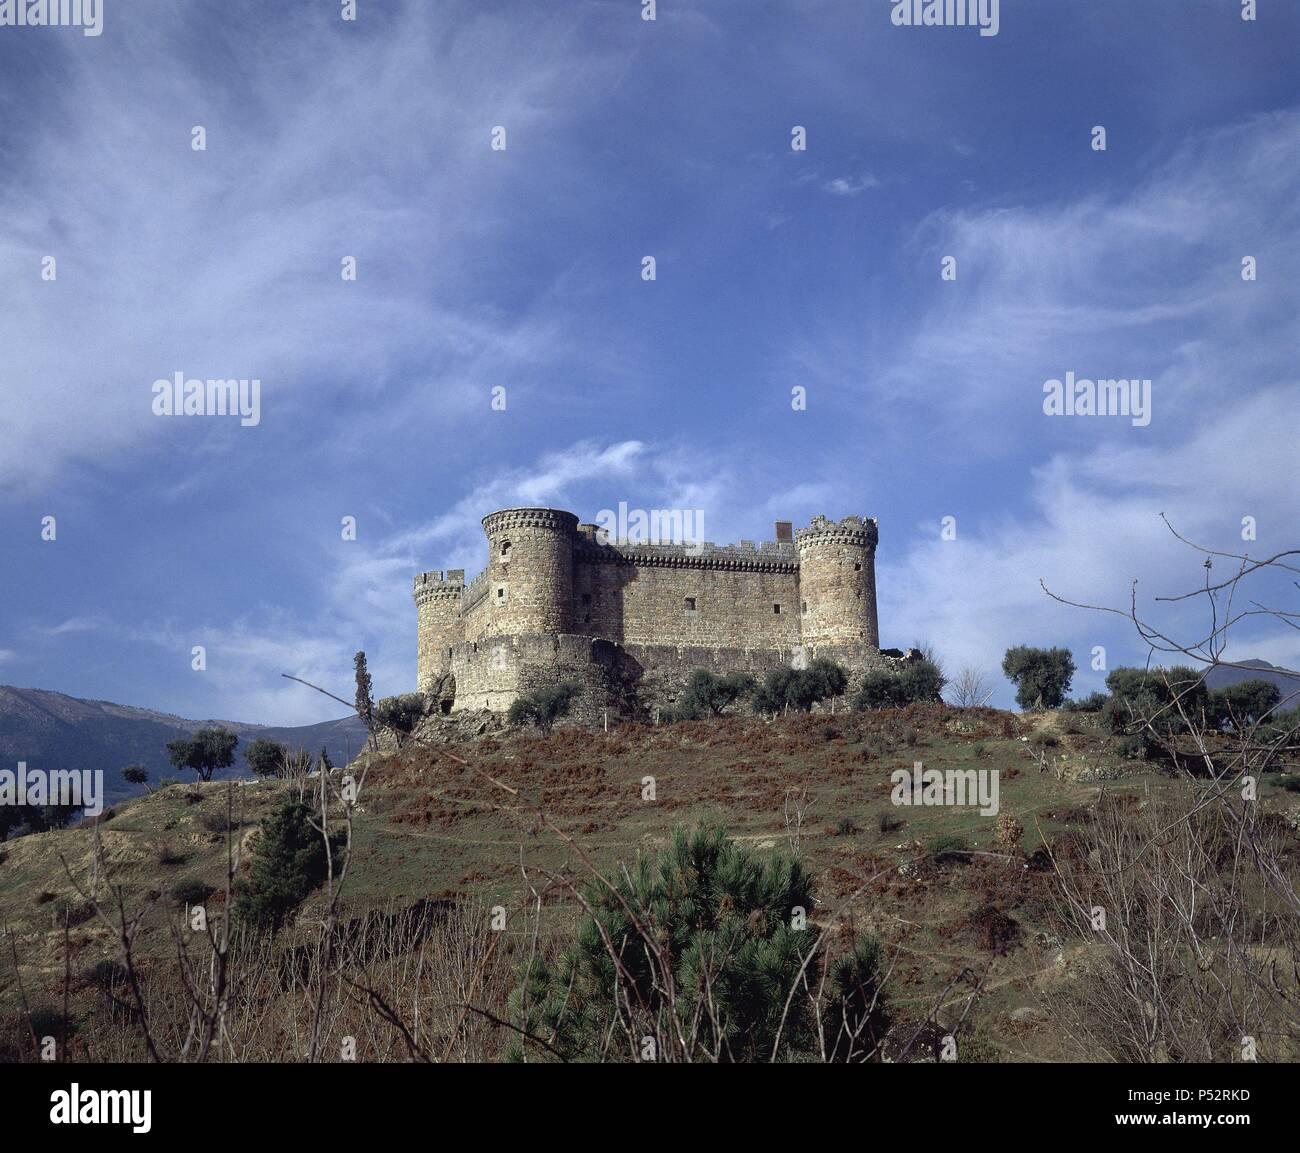 CASTILLO DE VALDECORNEJA EDIFICADO EN EL SIGLO XII Y RECONSTRUIDO EN EL SIGLO XIV. Location: CASTILLO DE VALDECORNEJA, AVILA, SPAIN. Stock Photo